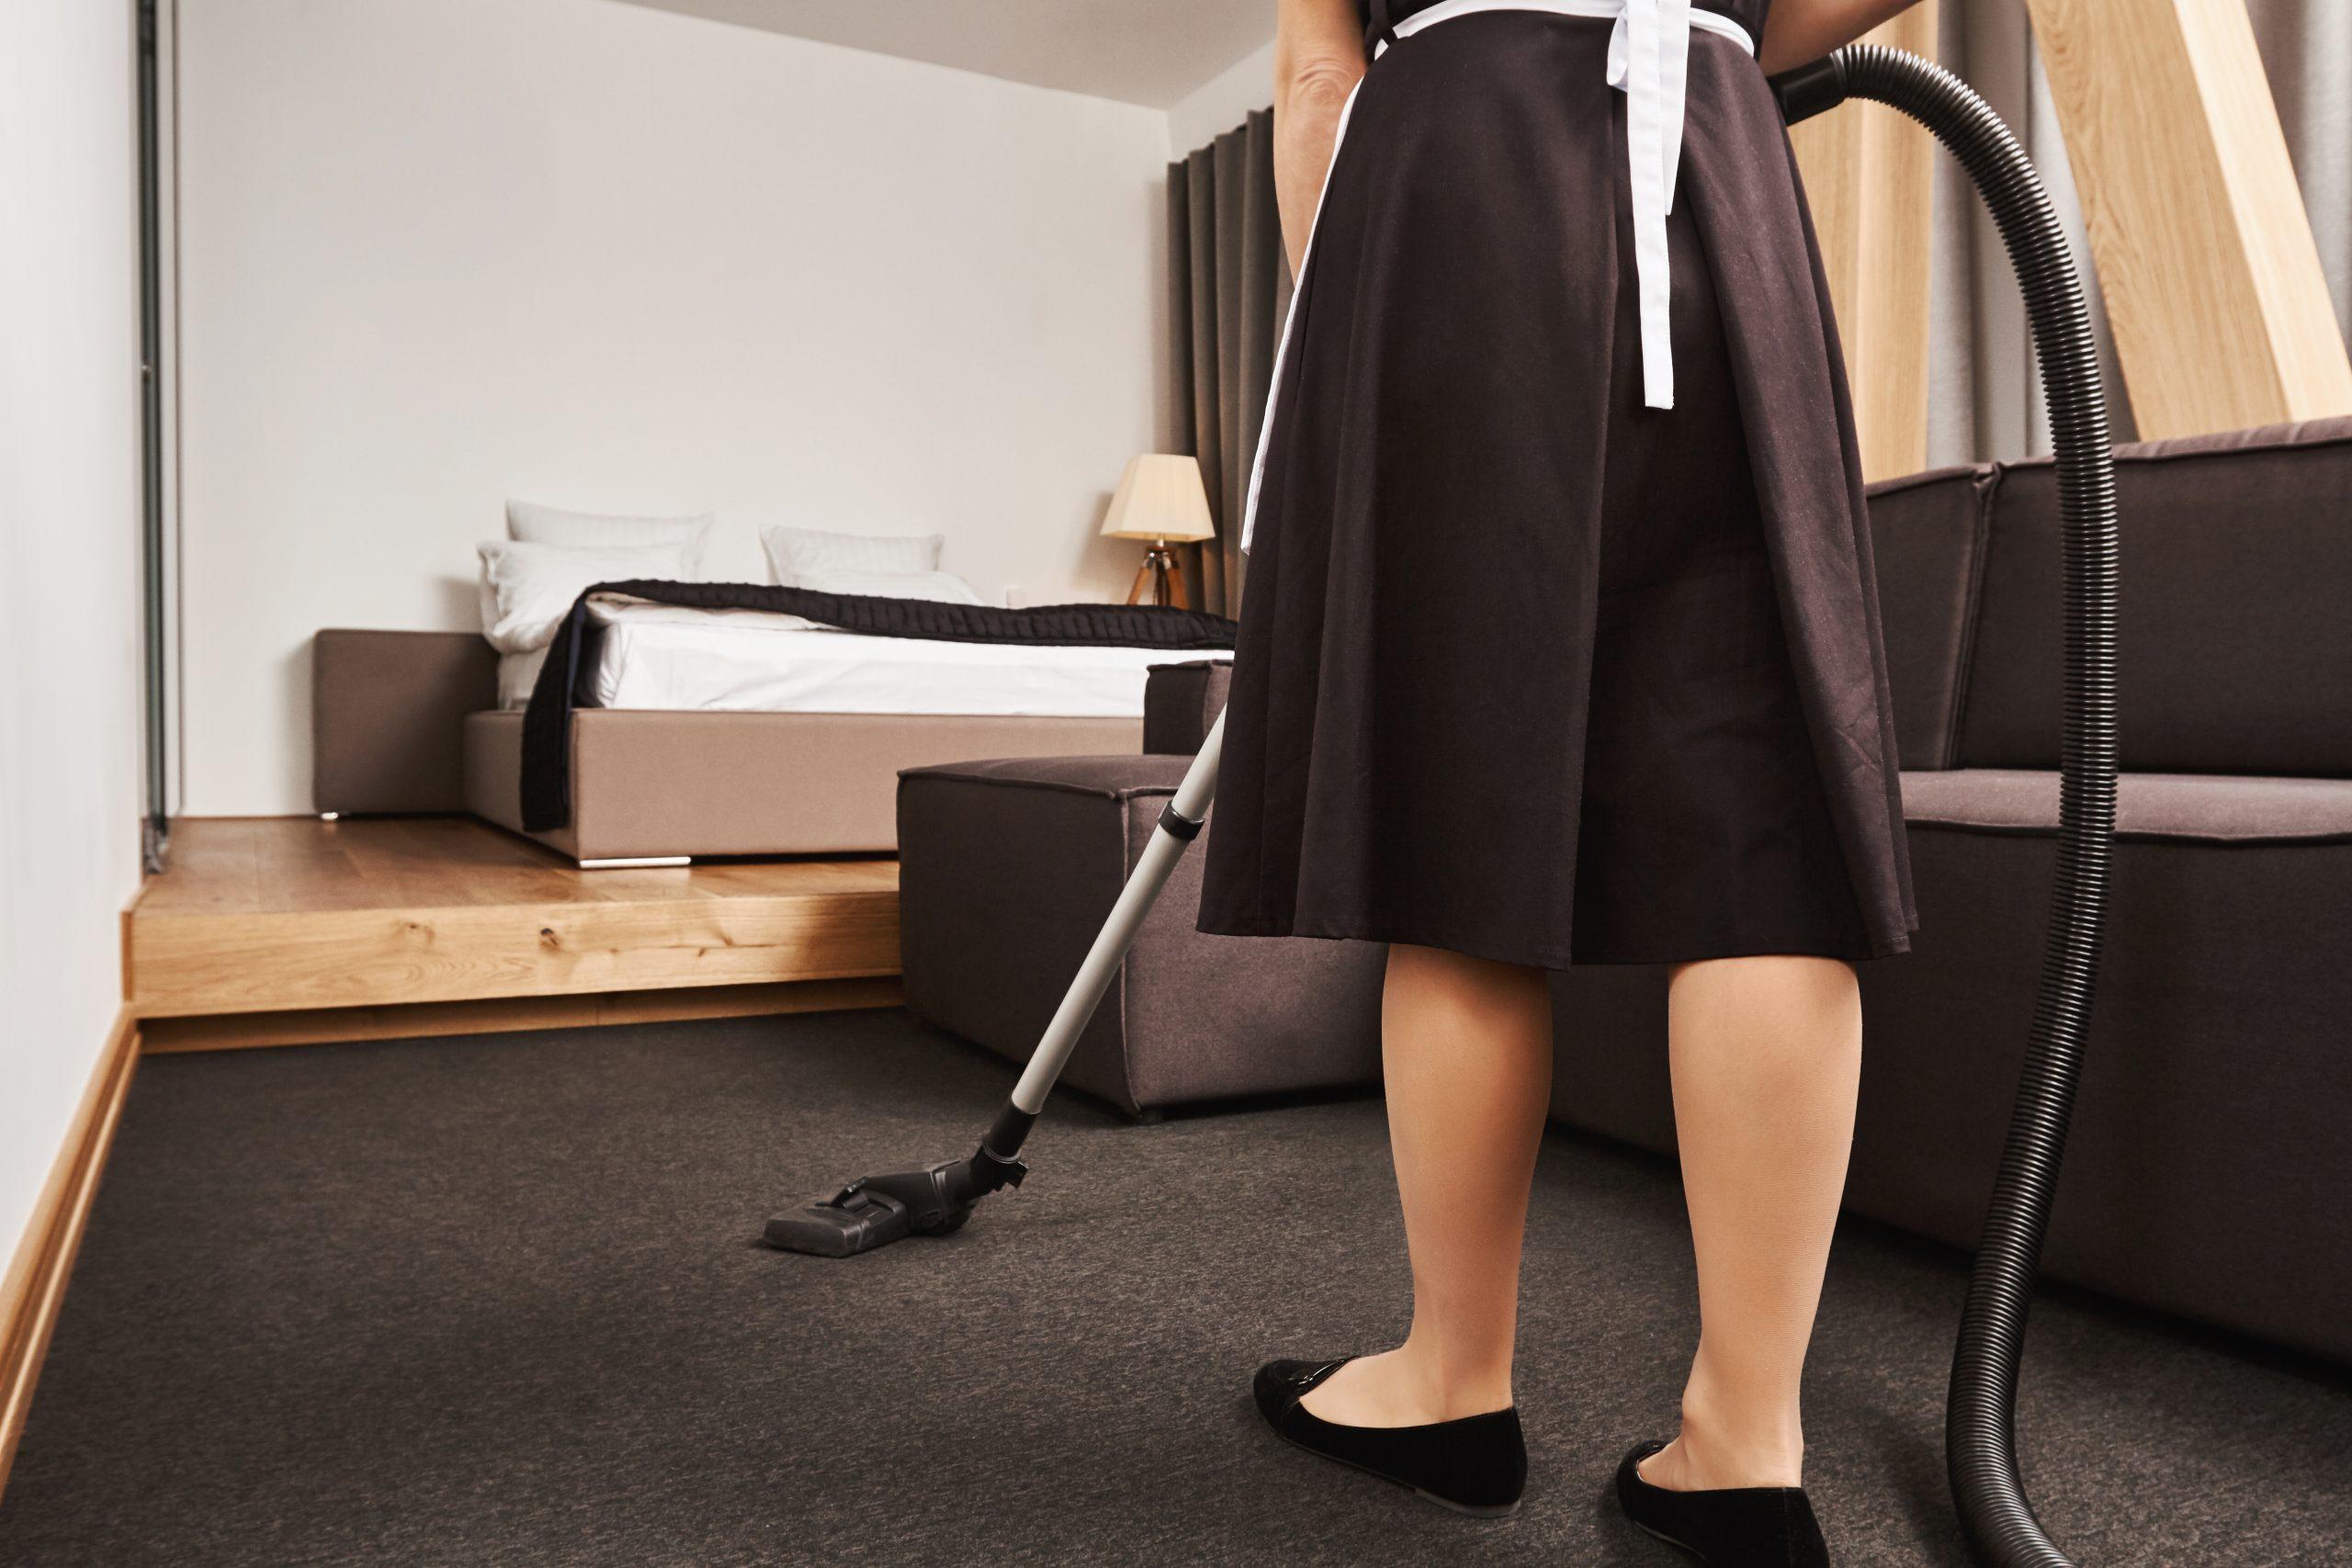 Empregados domésticos: Quem são e quais os seus direitos